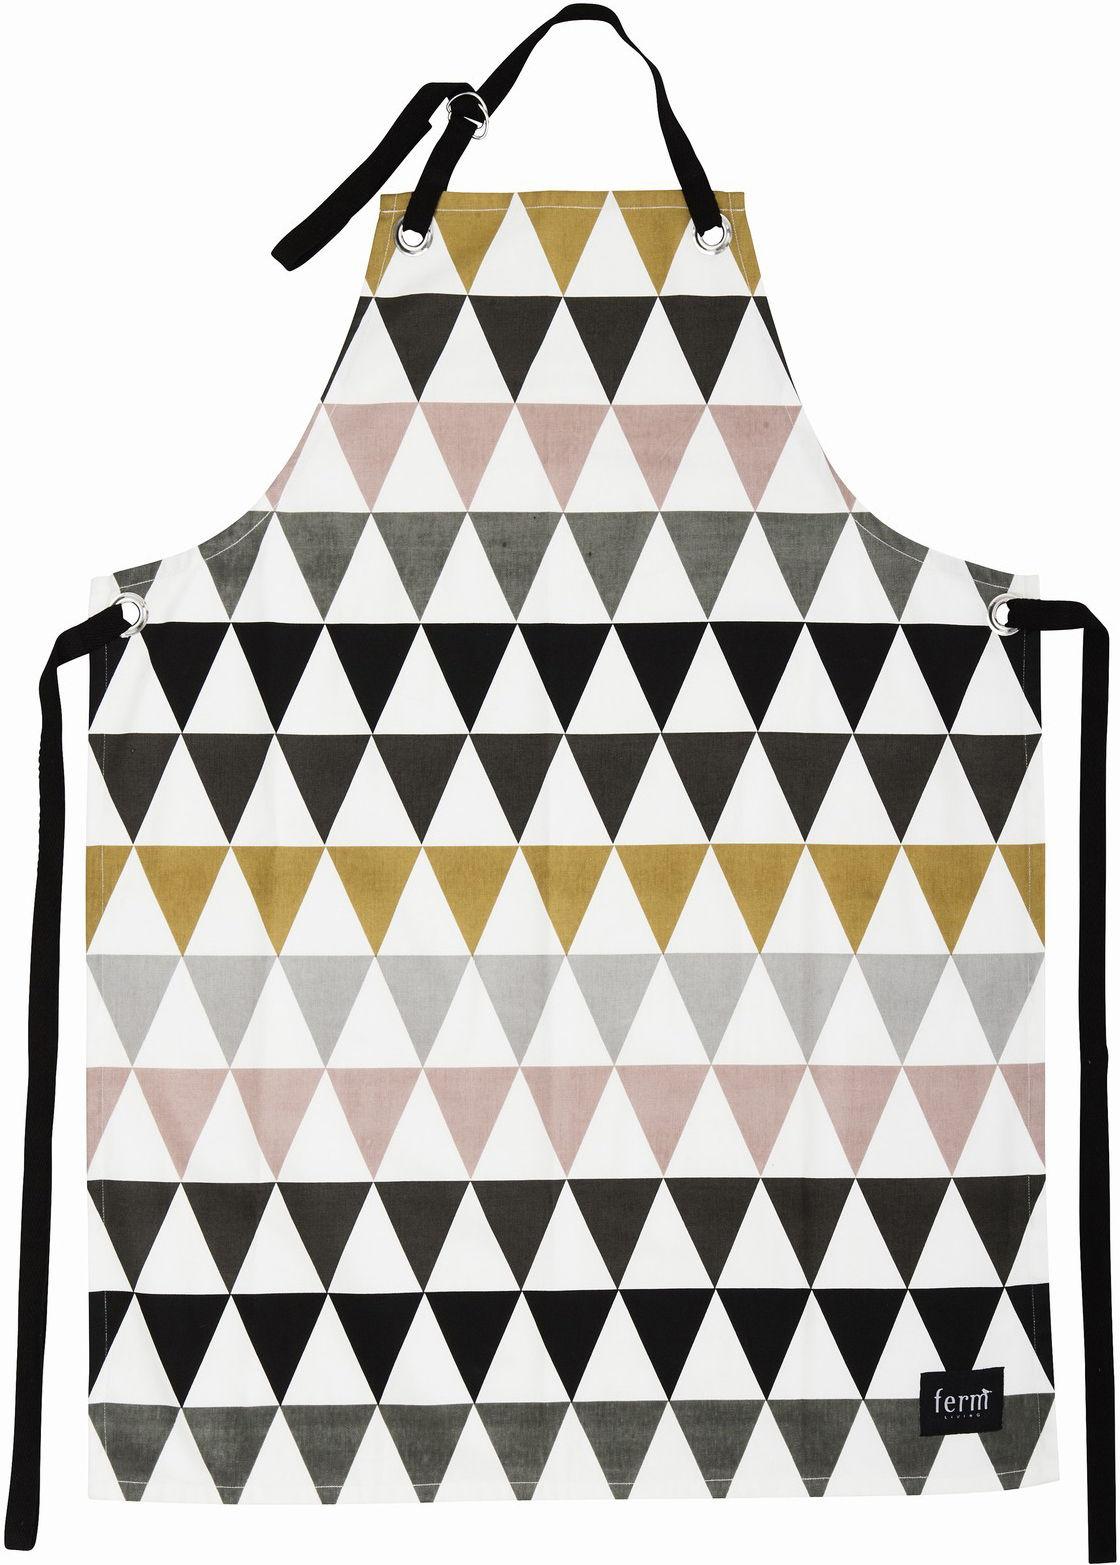 Cuisine - Tabliers et torchons   - Tablier Triangle - Ferm Living - Multicolore - Coton